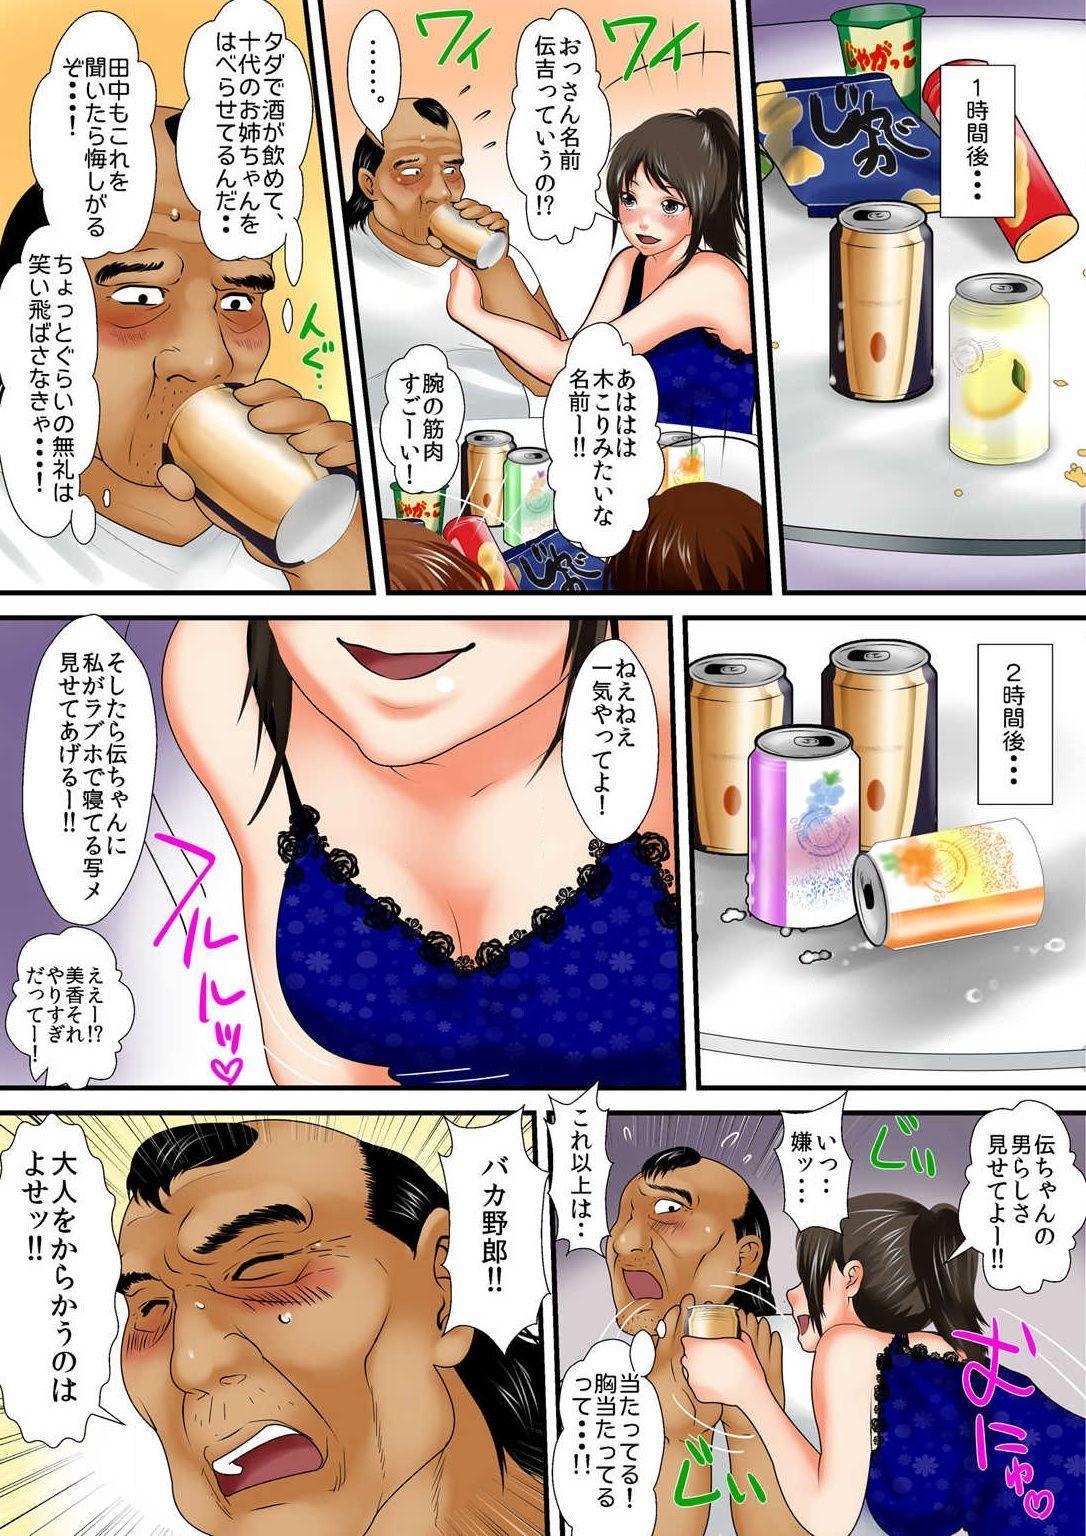 Zetsurin Oyaji ga Joshiryou de ~Sonna ni Dashitara Ninshin shichau!! 1 21